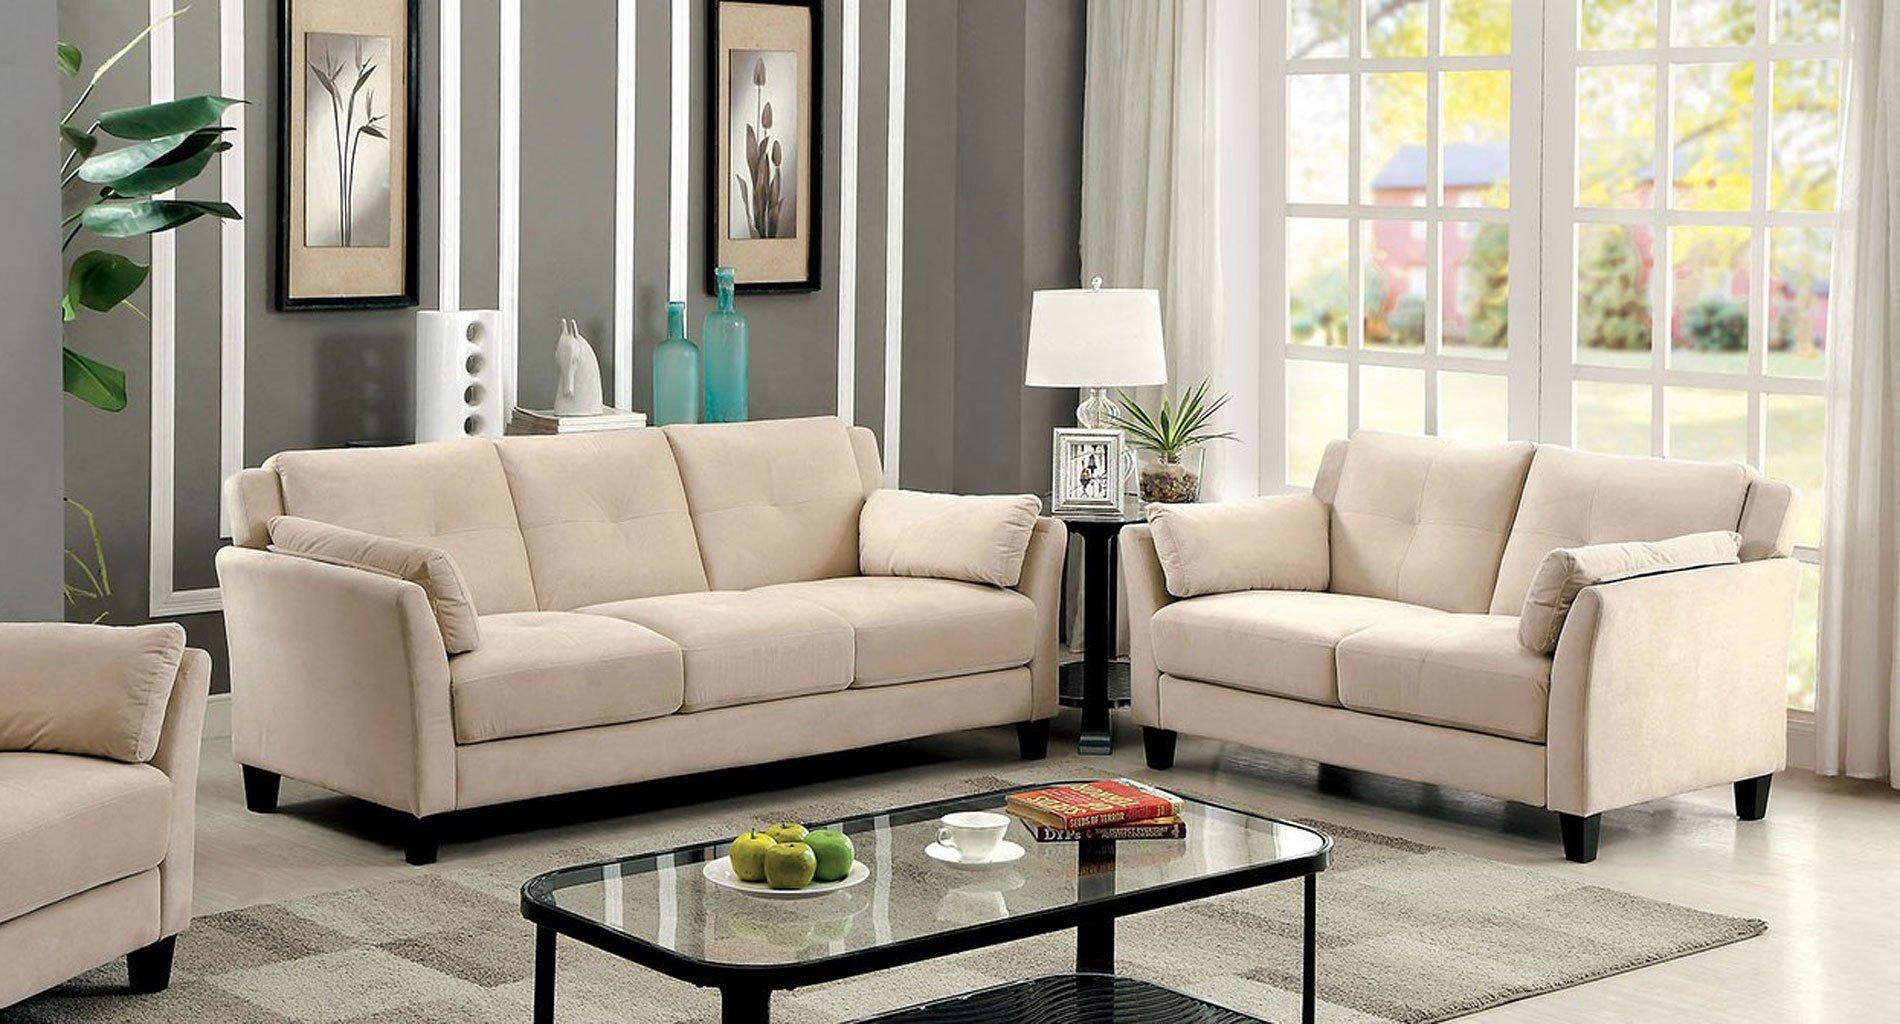 Ysabel Living Room Set Beige  Living Room Sets  Living